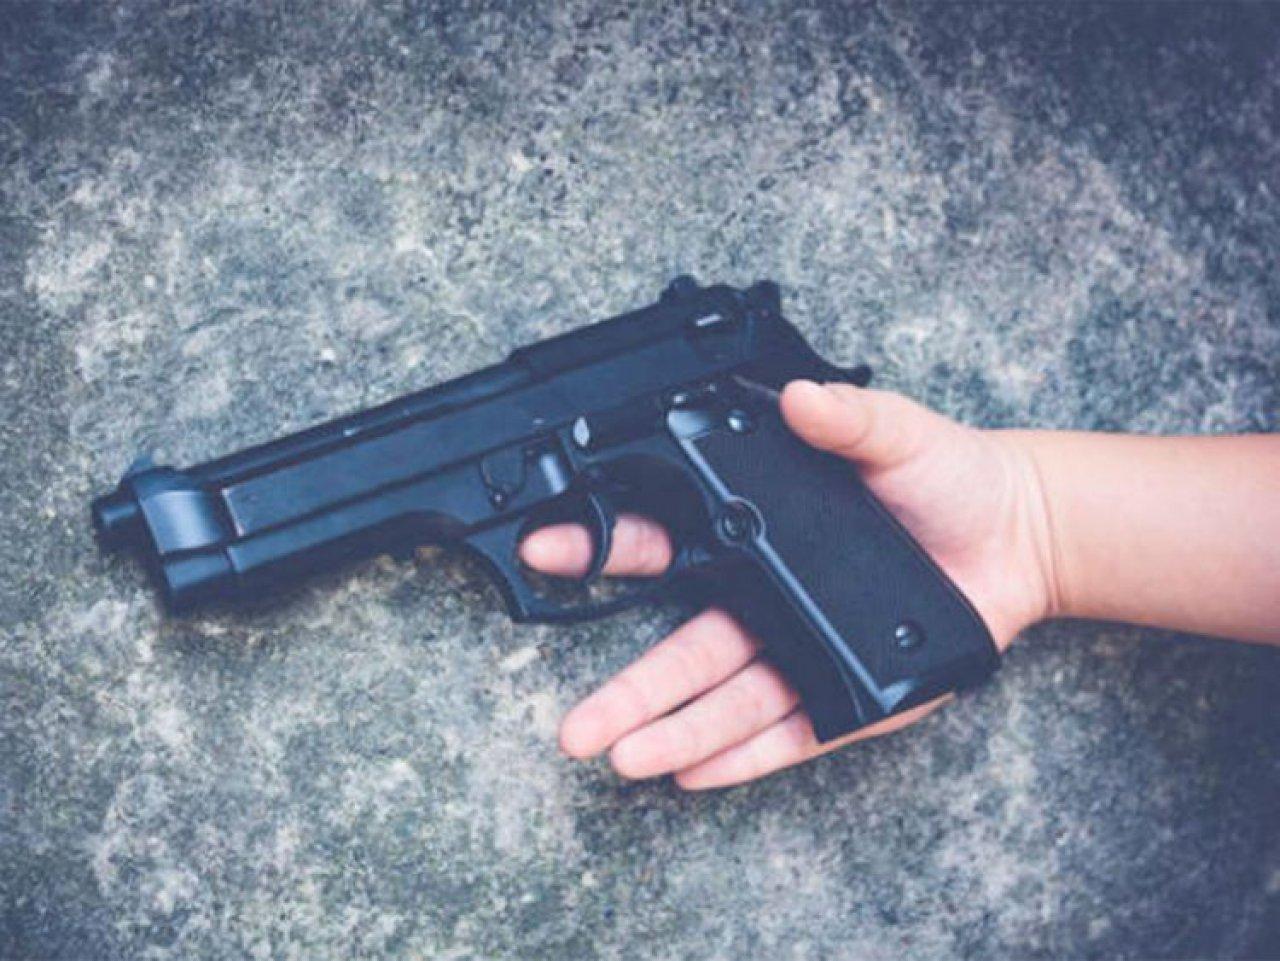 Pakistan'da bir kişi video çekmeye çalışırken silahla kendisini vurdu